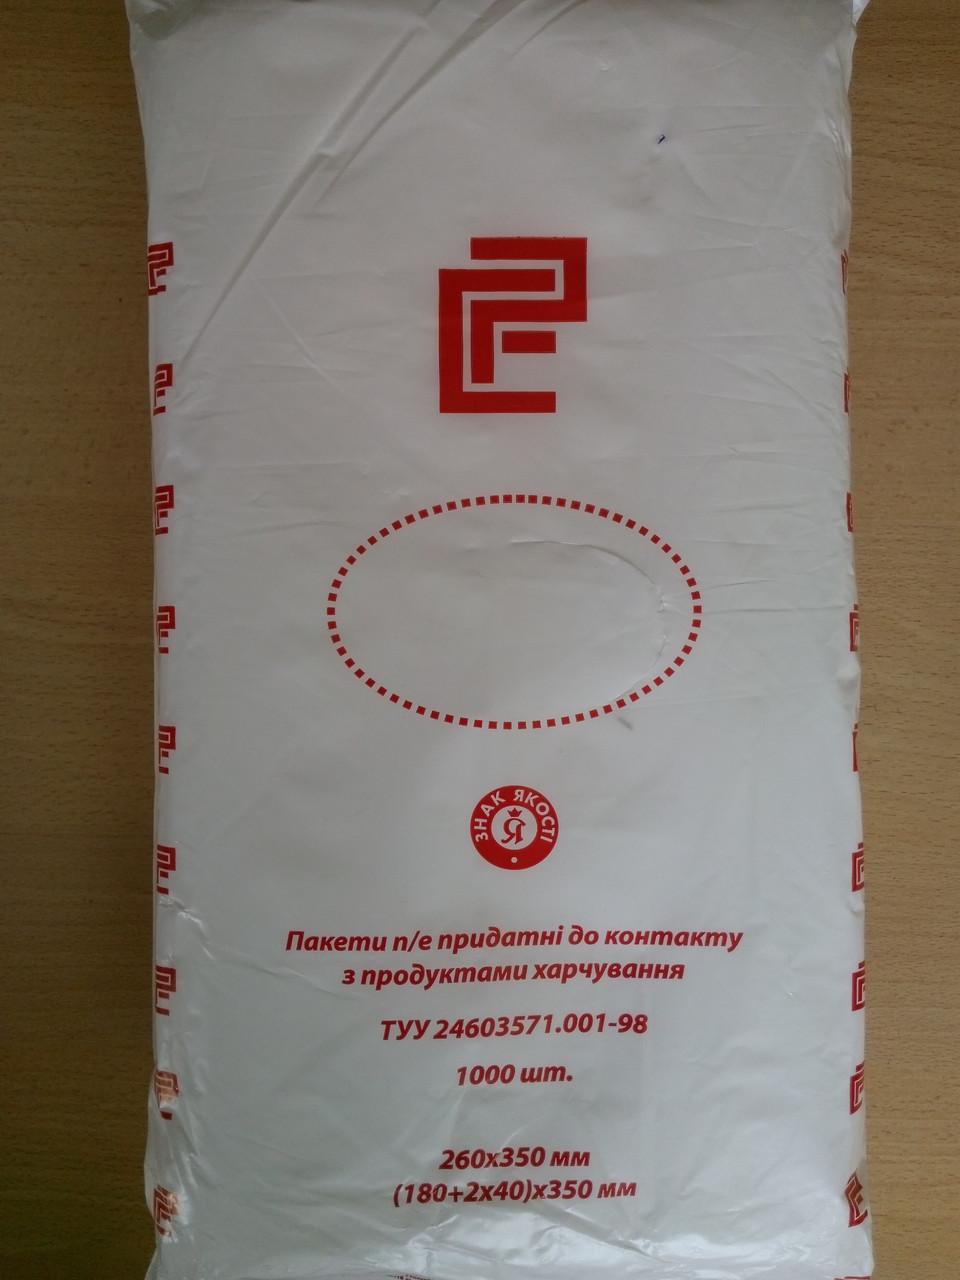 Фасувальні пакети 18+(2+4)х35 -1000 шт.